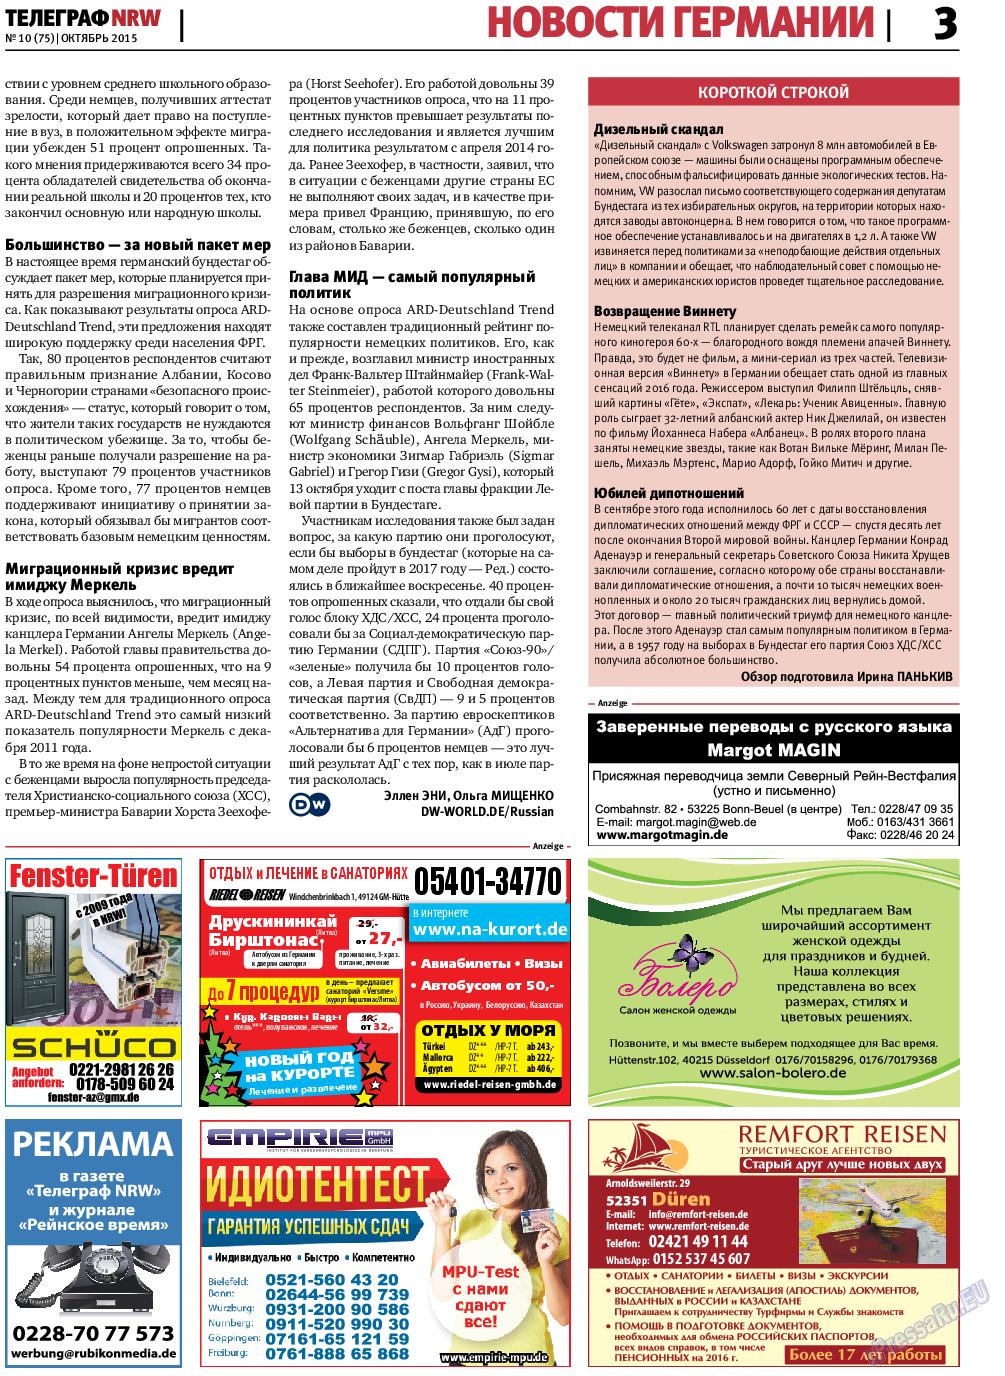 Телеграф NRW (газета). 2015 год, номер 10, стр. 3